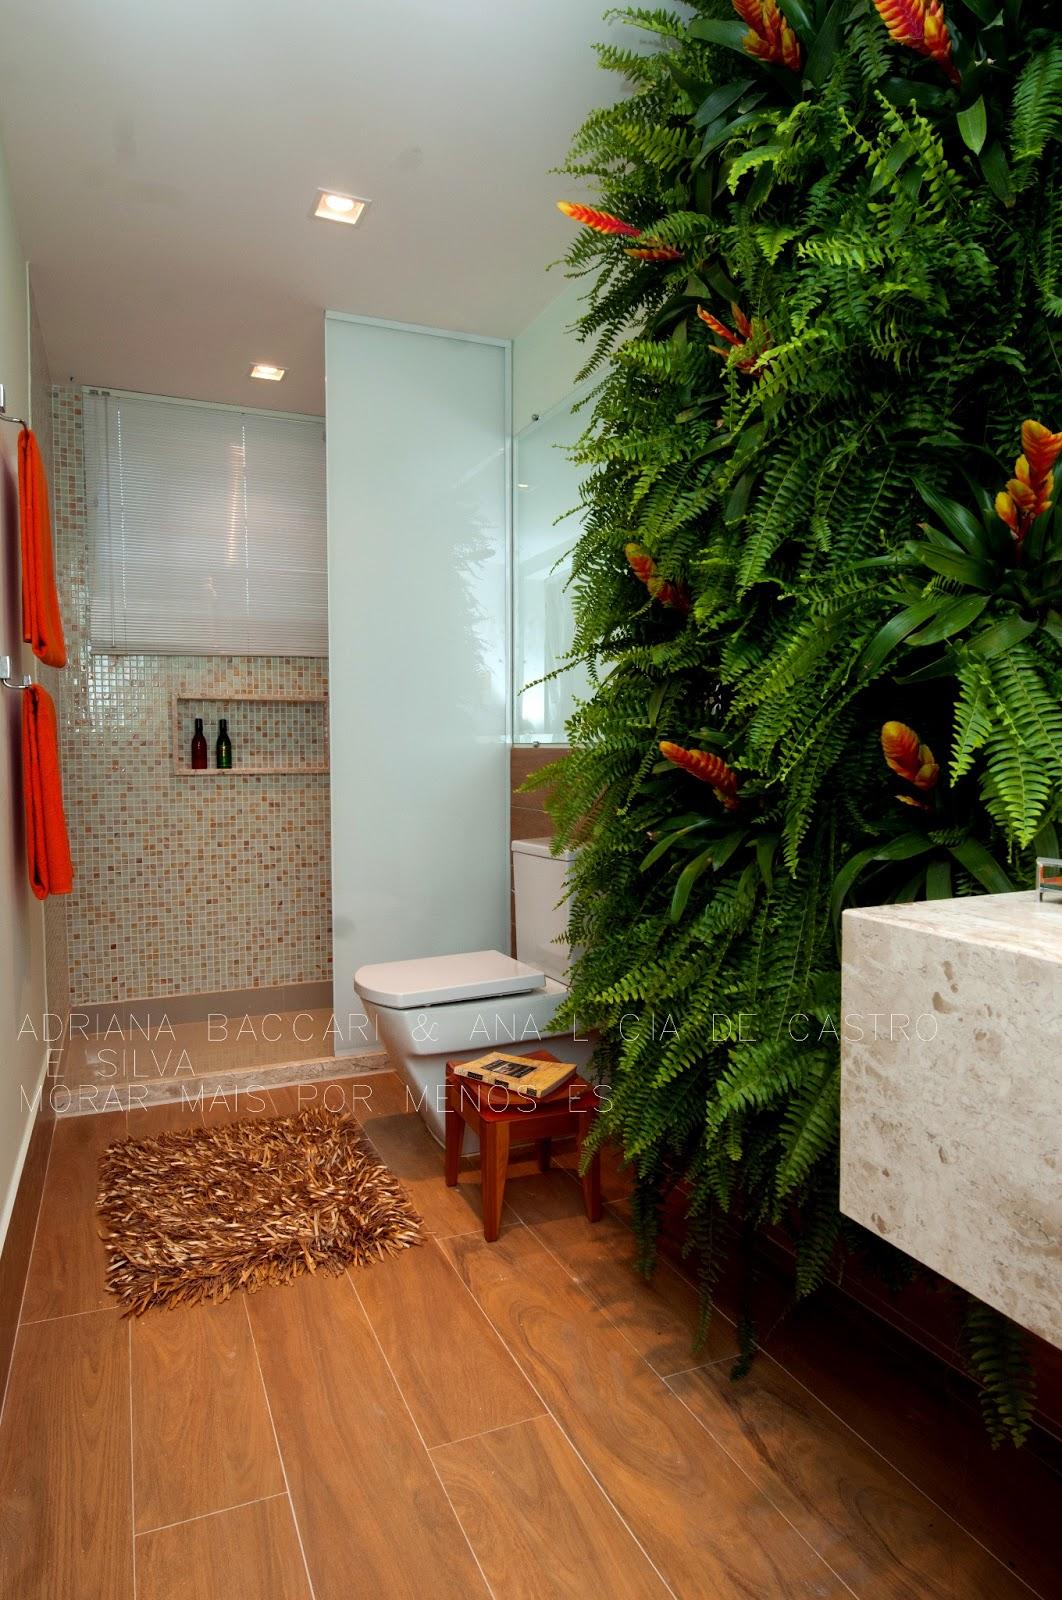 BACCARI INTERIOR DESIGN: Projeto Banheiro Social  Lavabo #436217 1062 1600